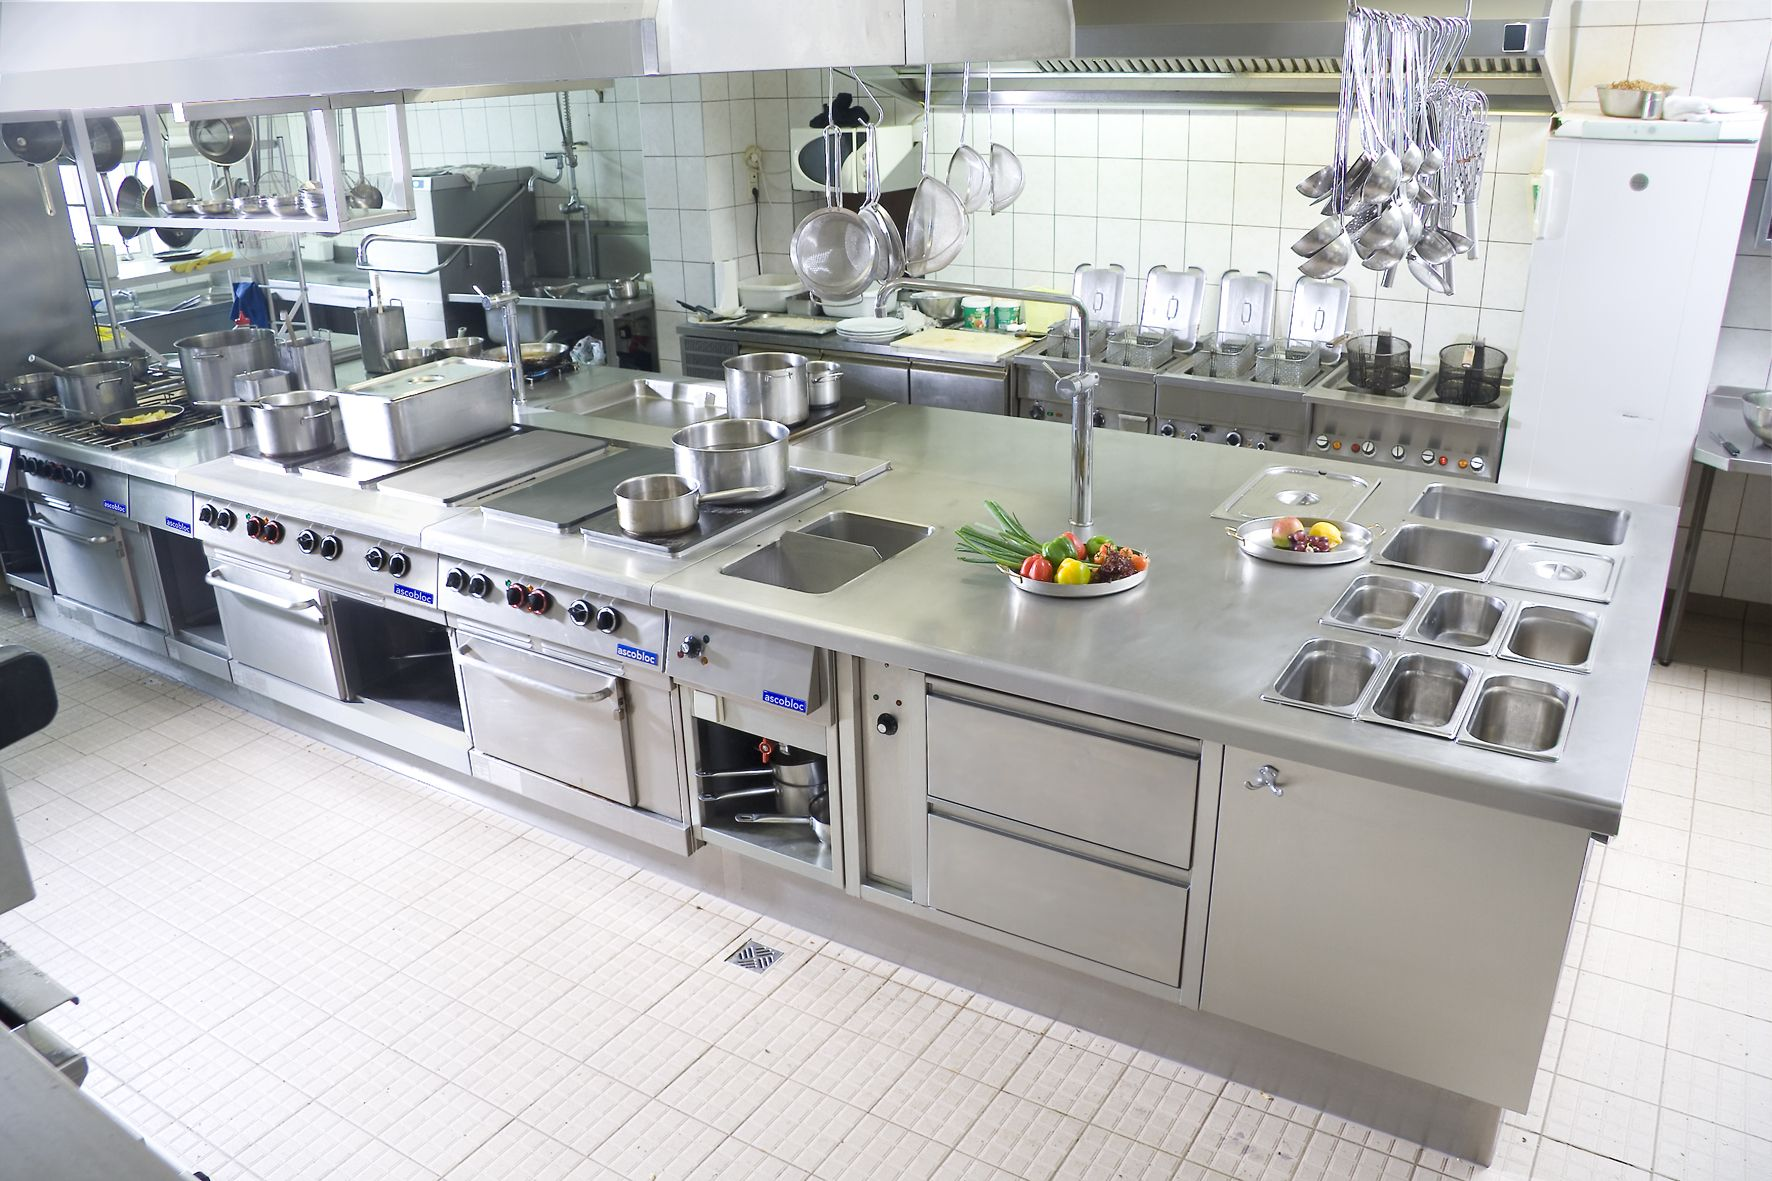 Gastronomie Küche | loco | Gastronomie küche, Küche und Gastronomie